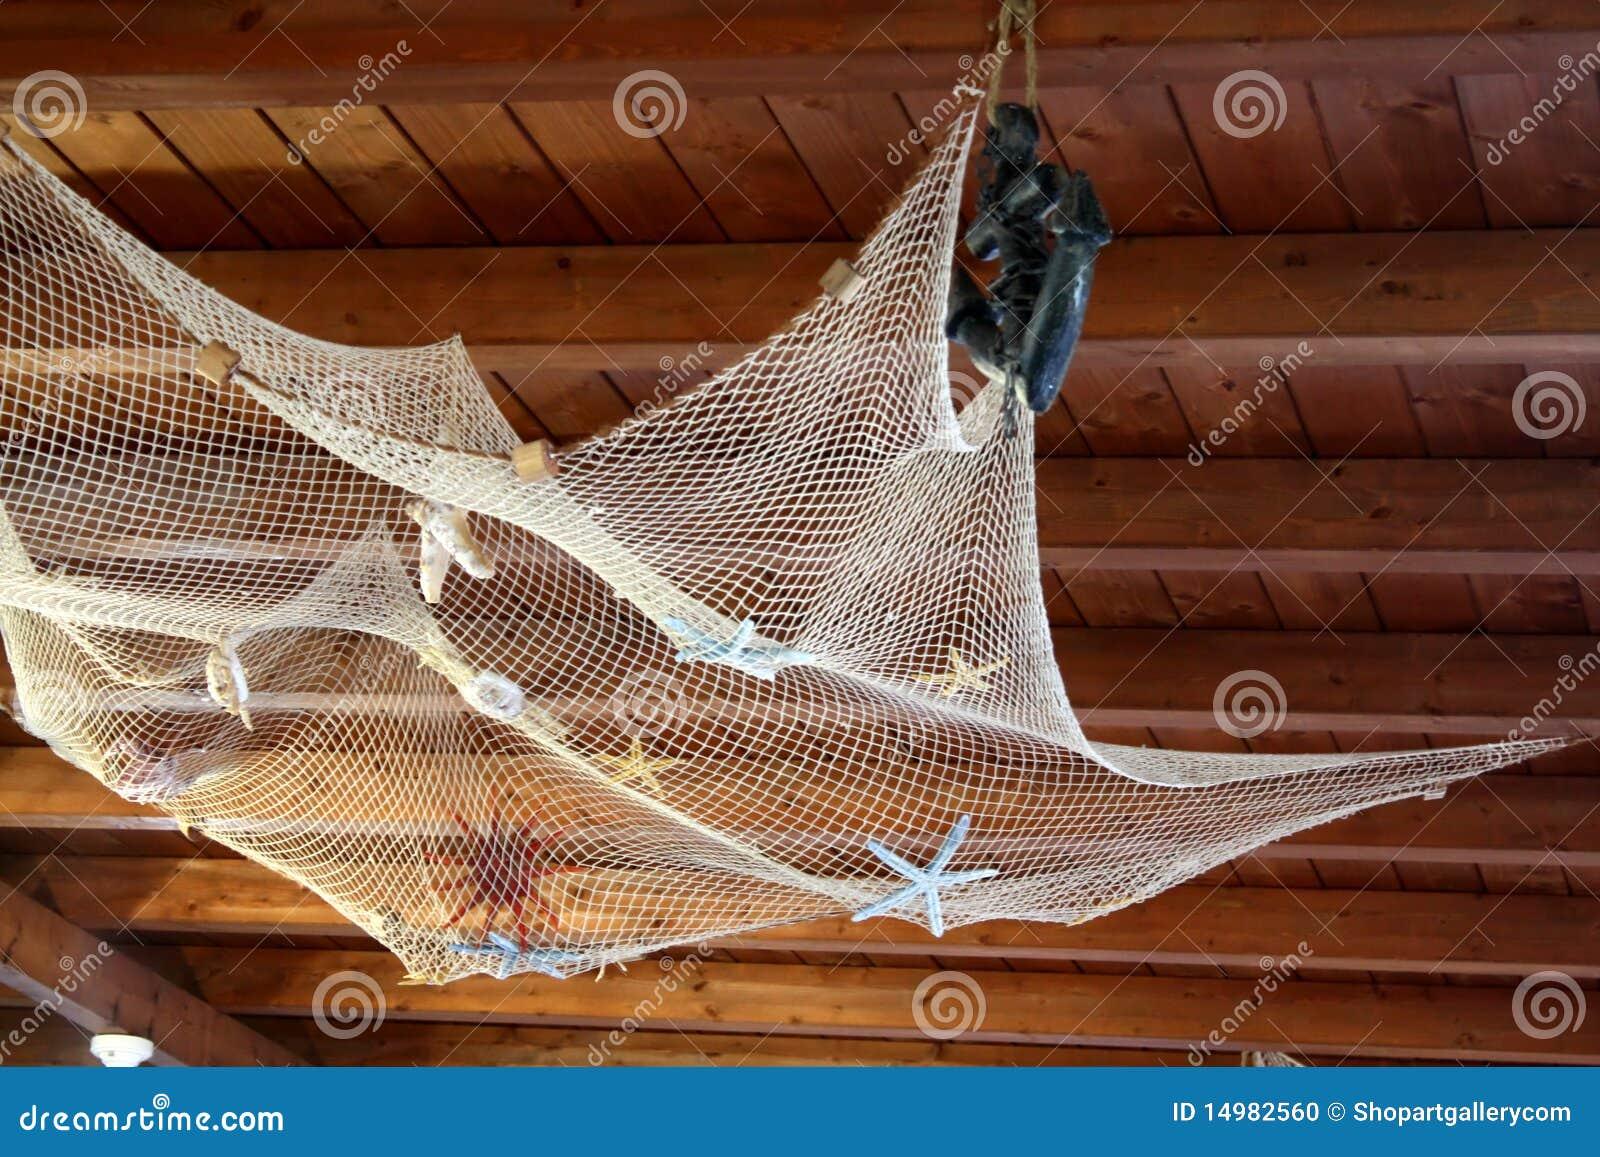 Più immagini stock simili di ` Rete da pesca sul soffitto di legno `